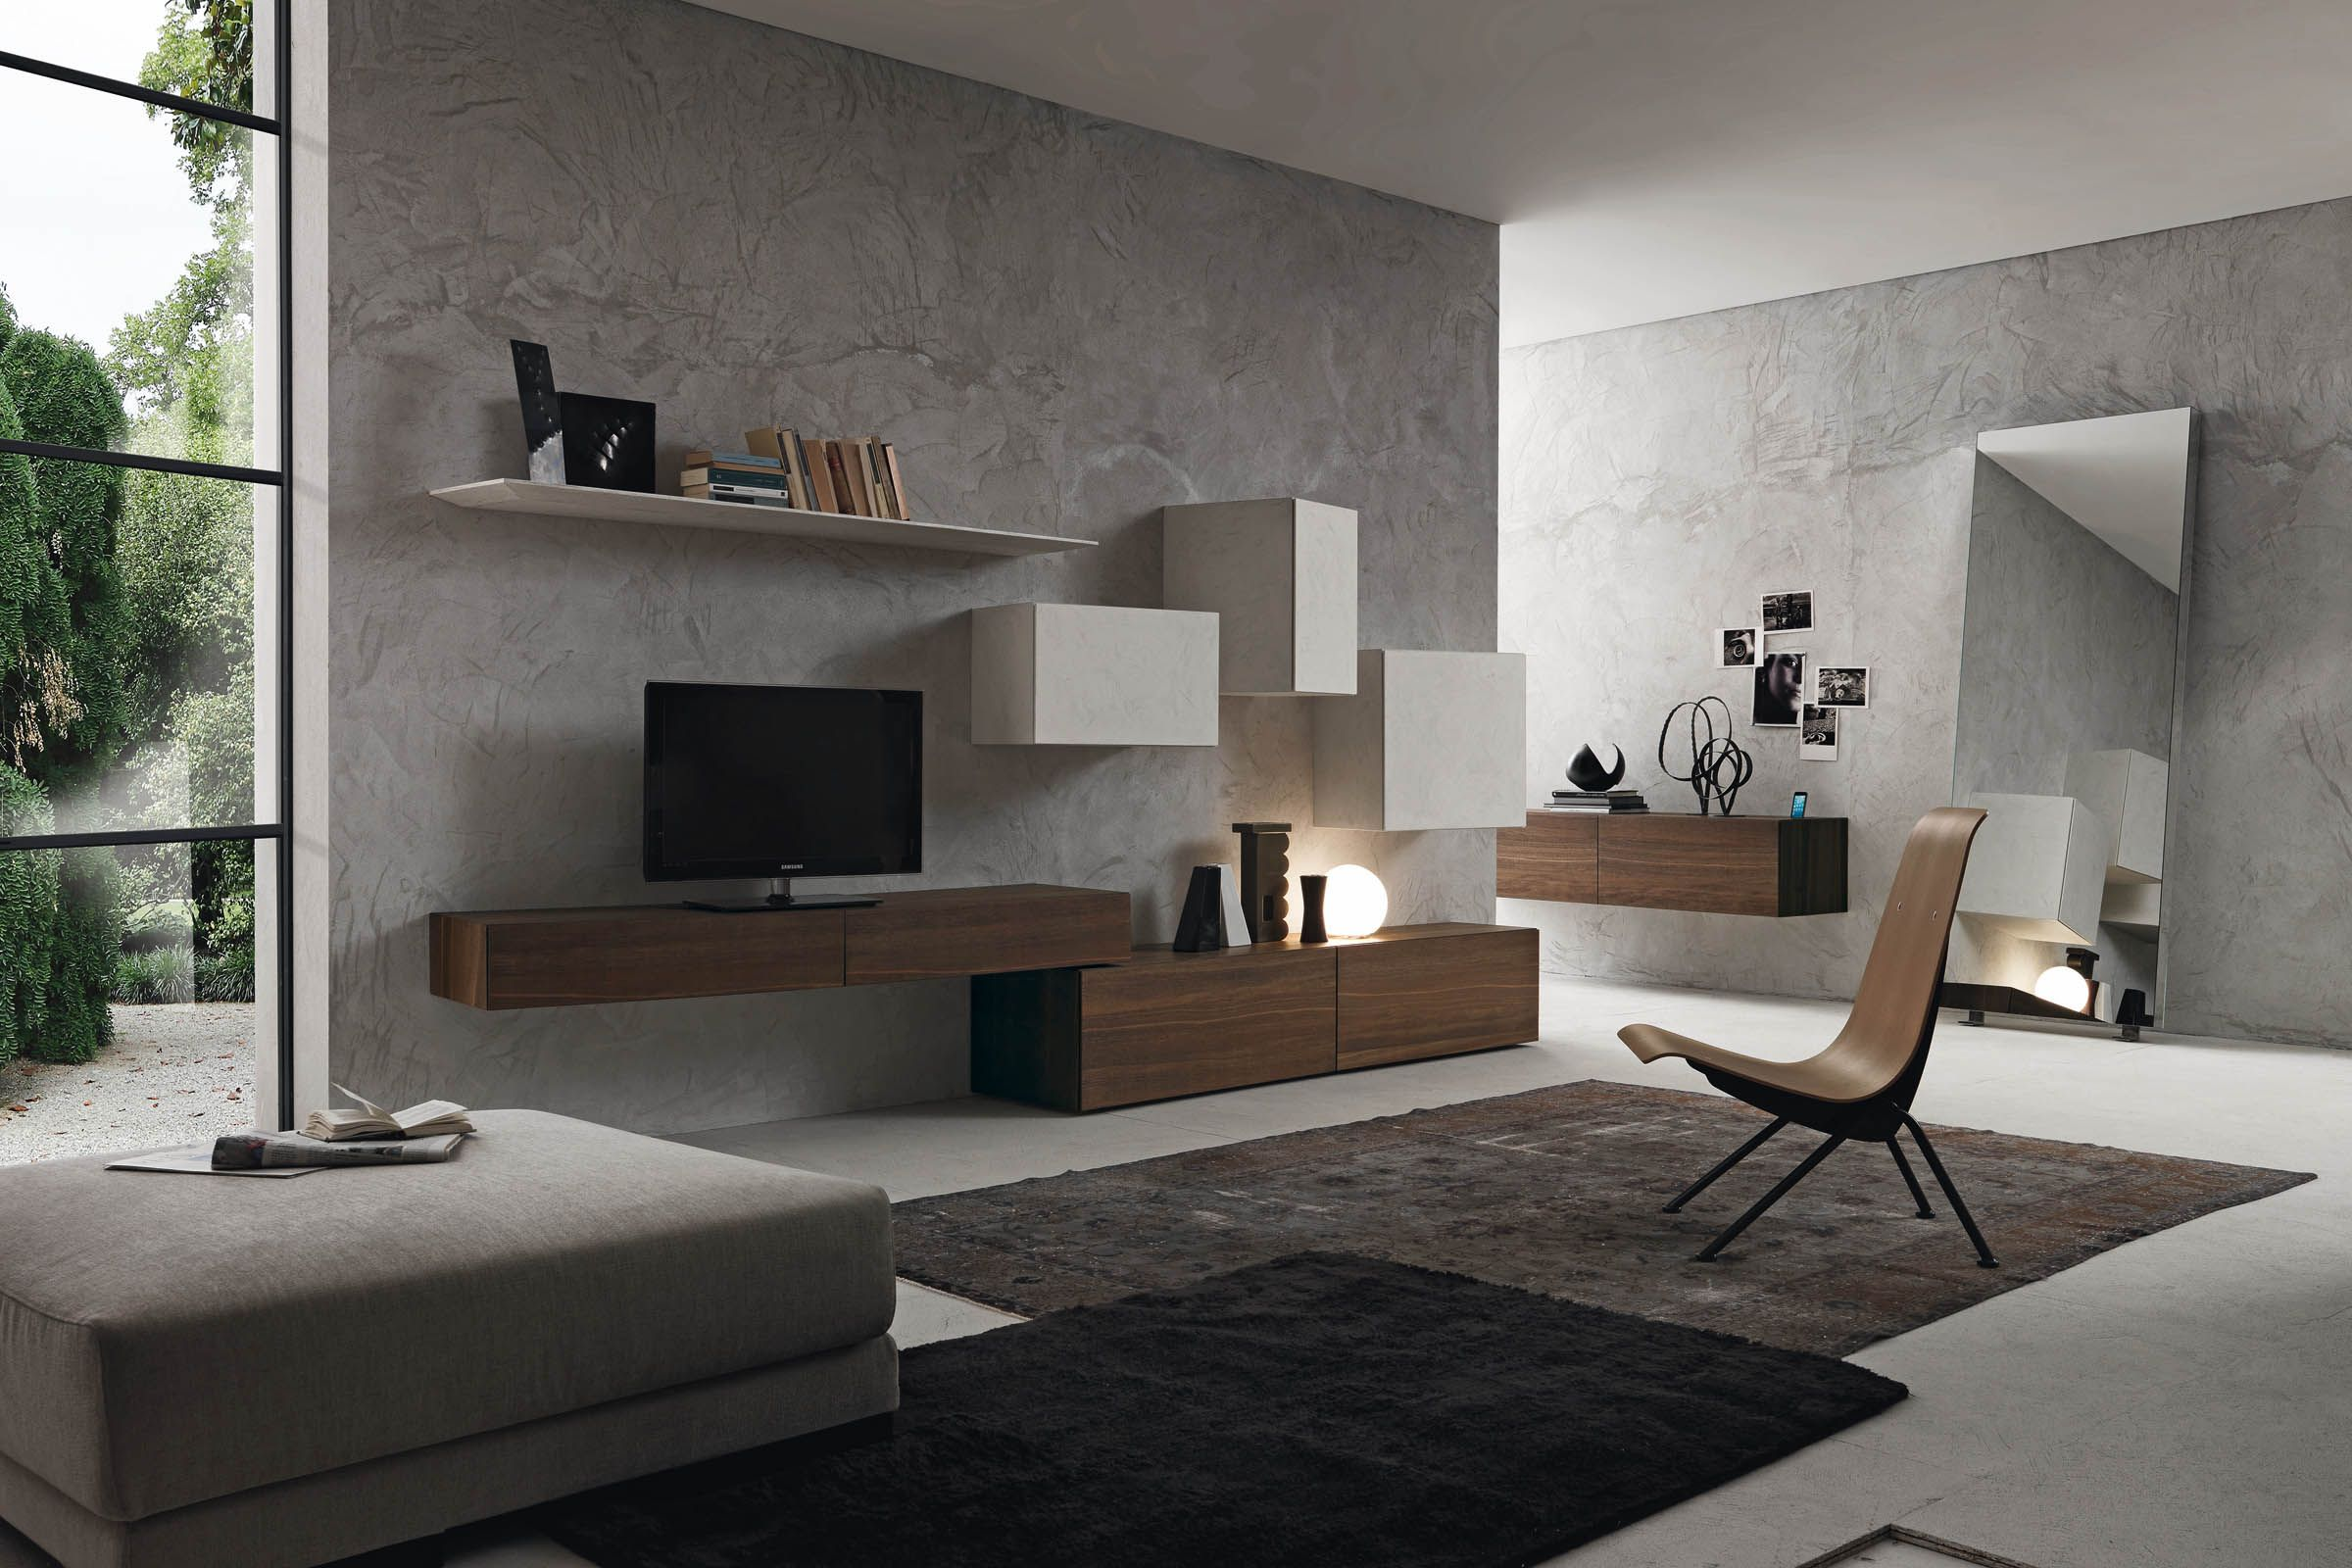 soggiorni moderni - Cerca con Google | TV room | Pinterest | Modern ...